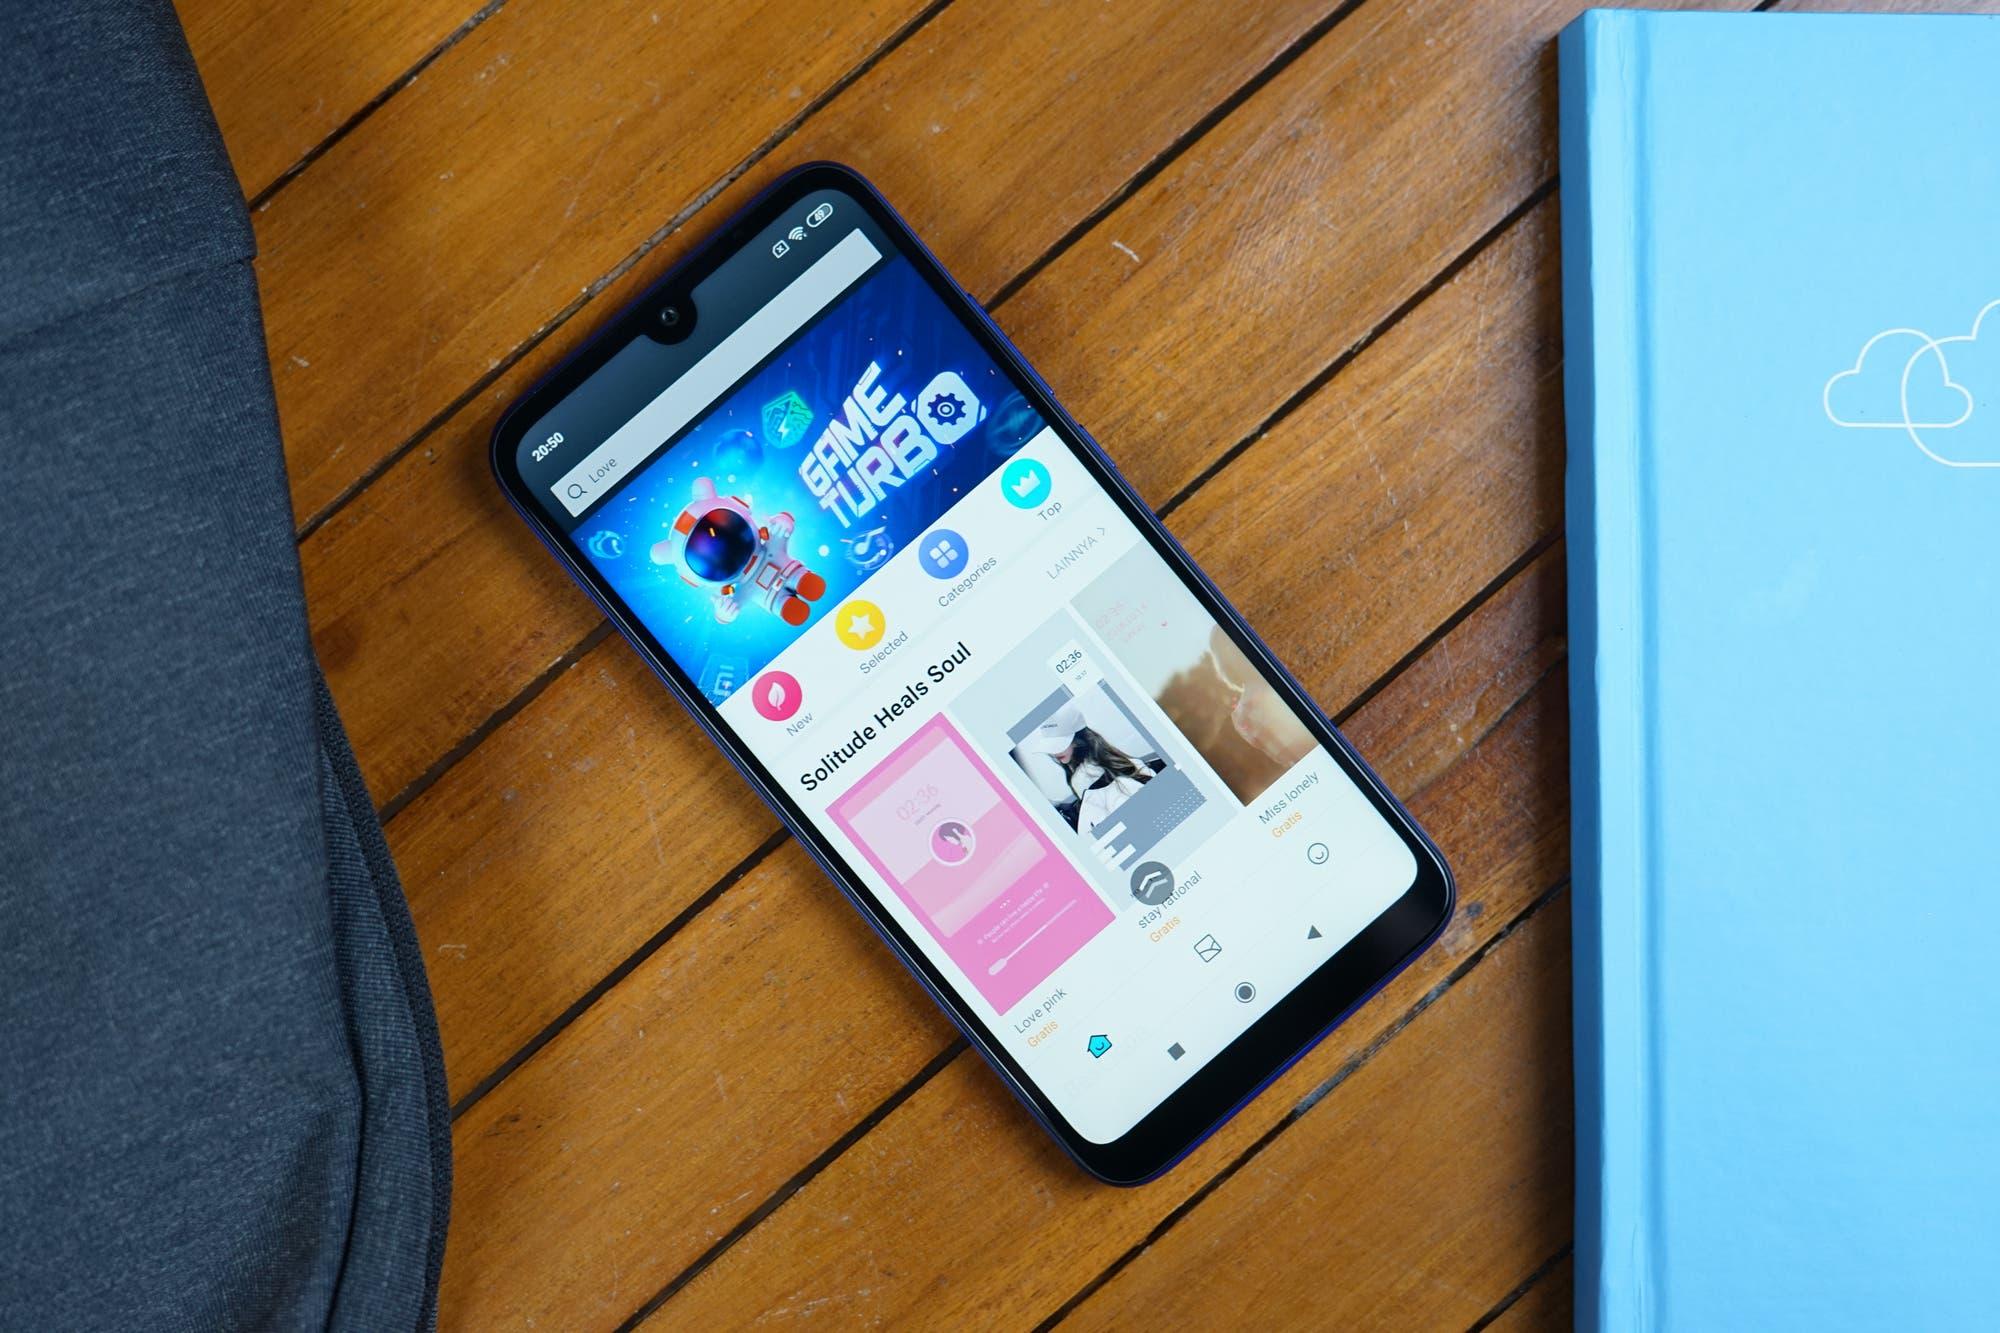 Un App Store chino: Xiaomi, Oppo, Vivo y Huawei se unen para competir con el Play Store de Google